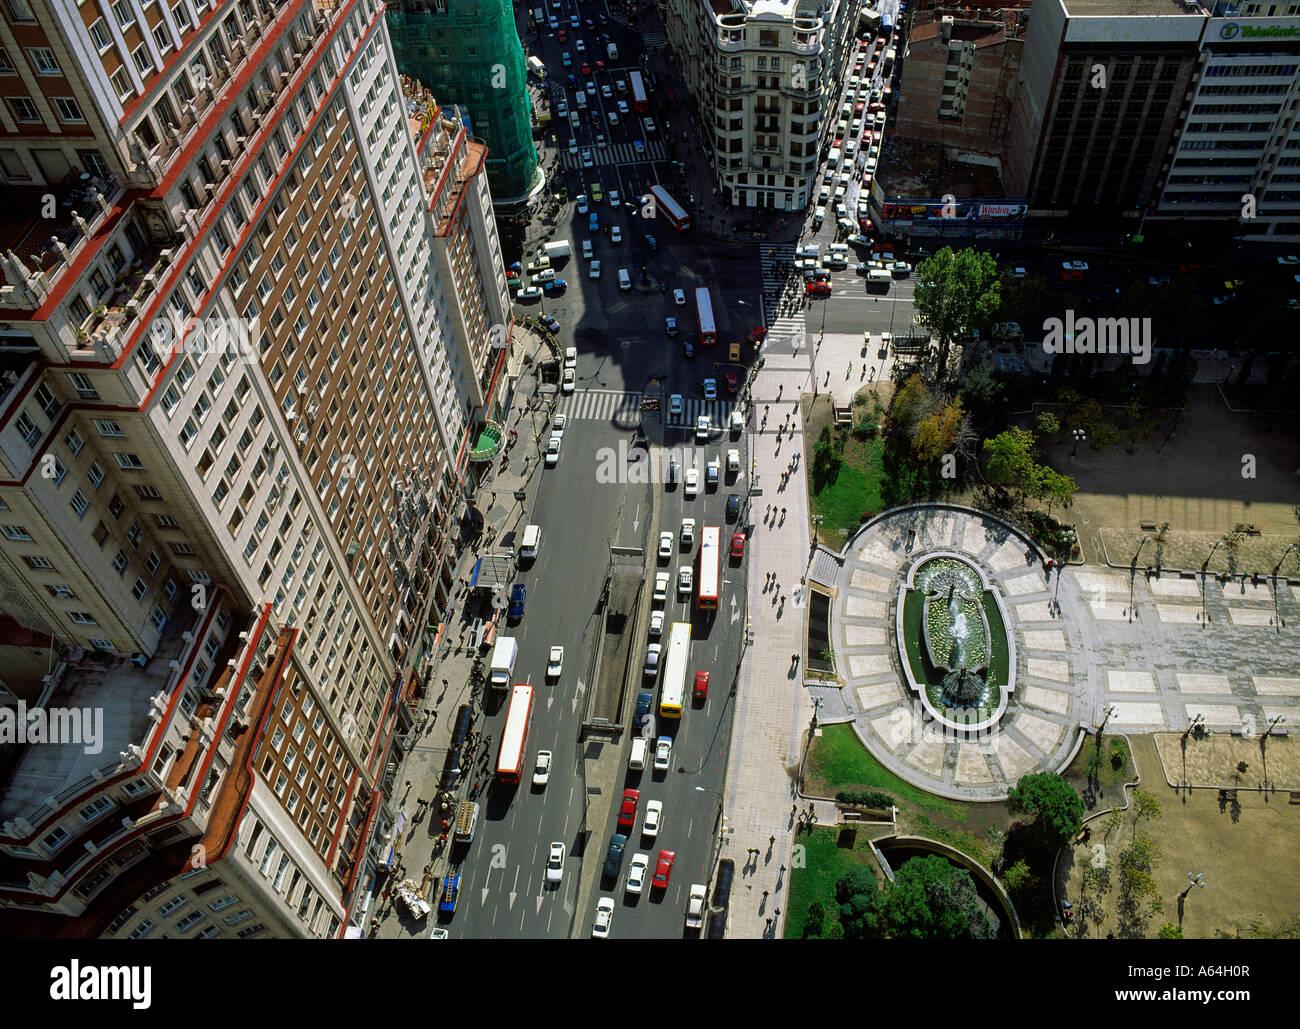 view from highrise building torre de madrid to edificio de espana square plaza de espana and boulevard gran via Stock Photo